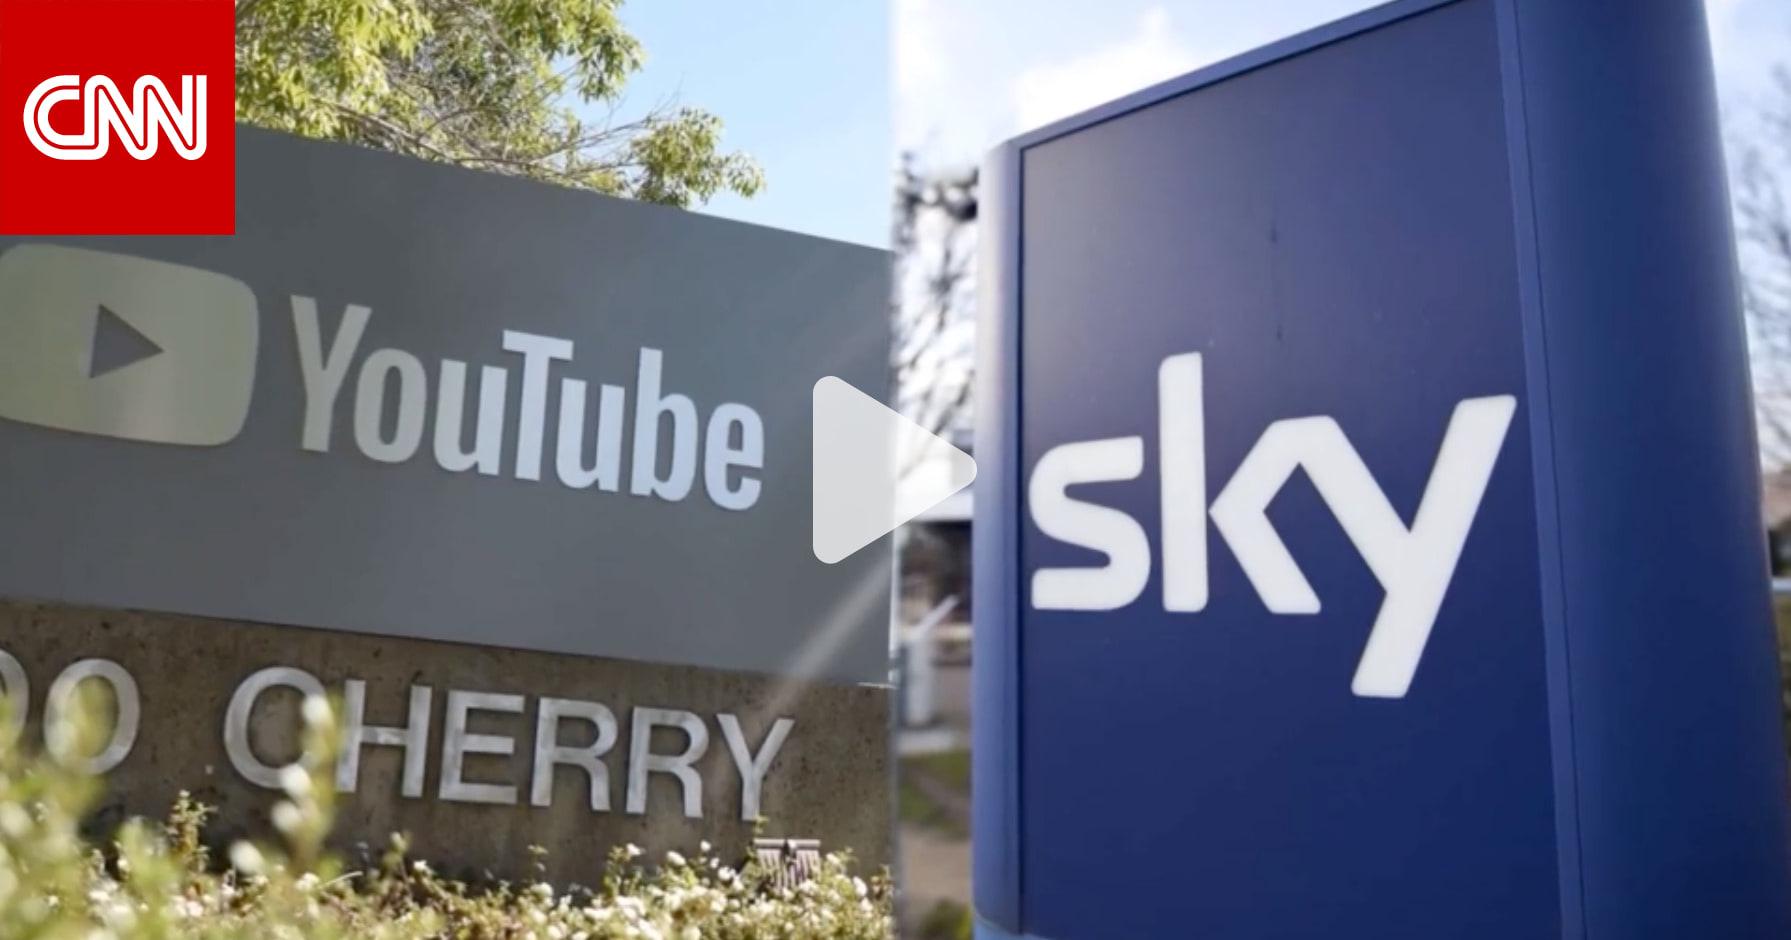 يوتيوب يوجه إنذارا لشبكة تلفزيون سكاي نيوز أستراليا.. و يوقفها مؤقتا عن التحميل على منصتها